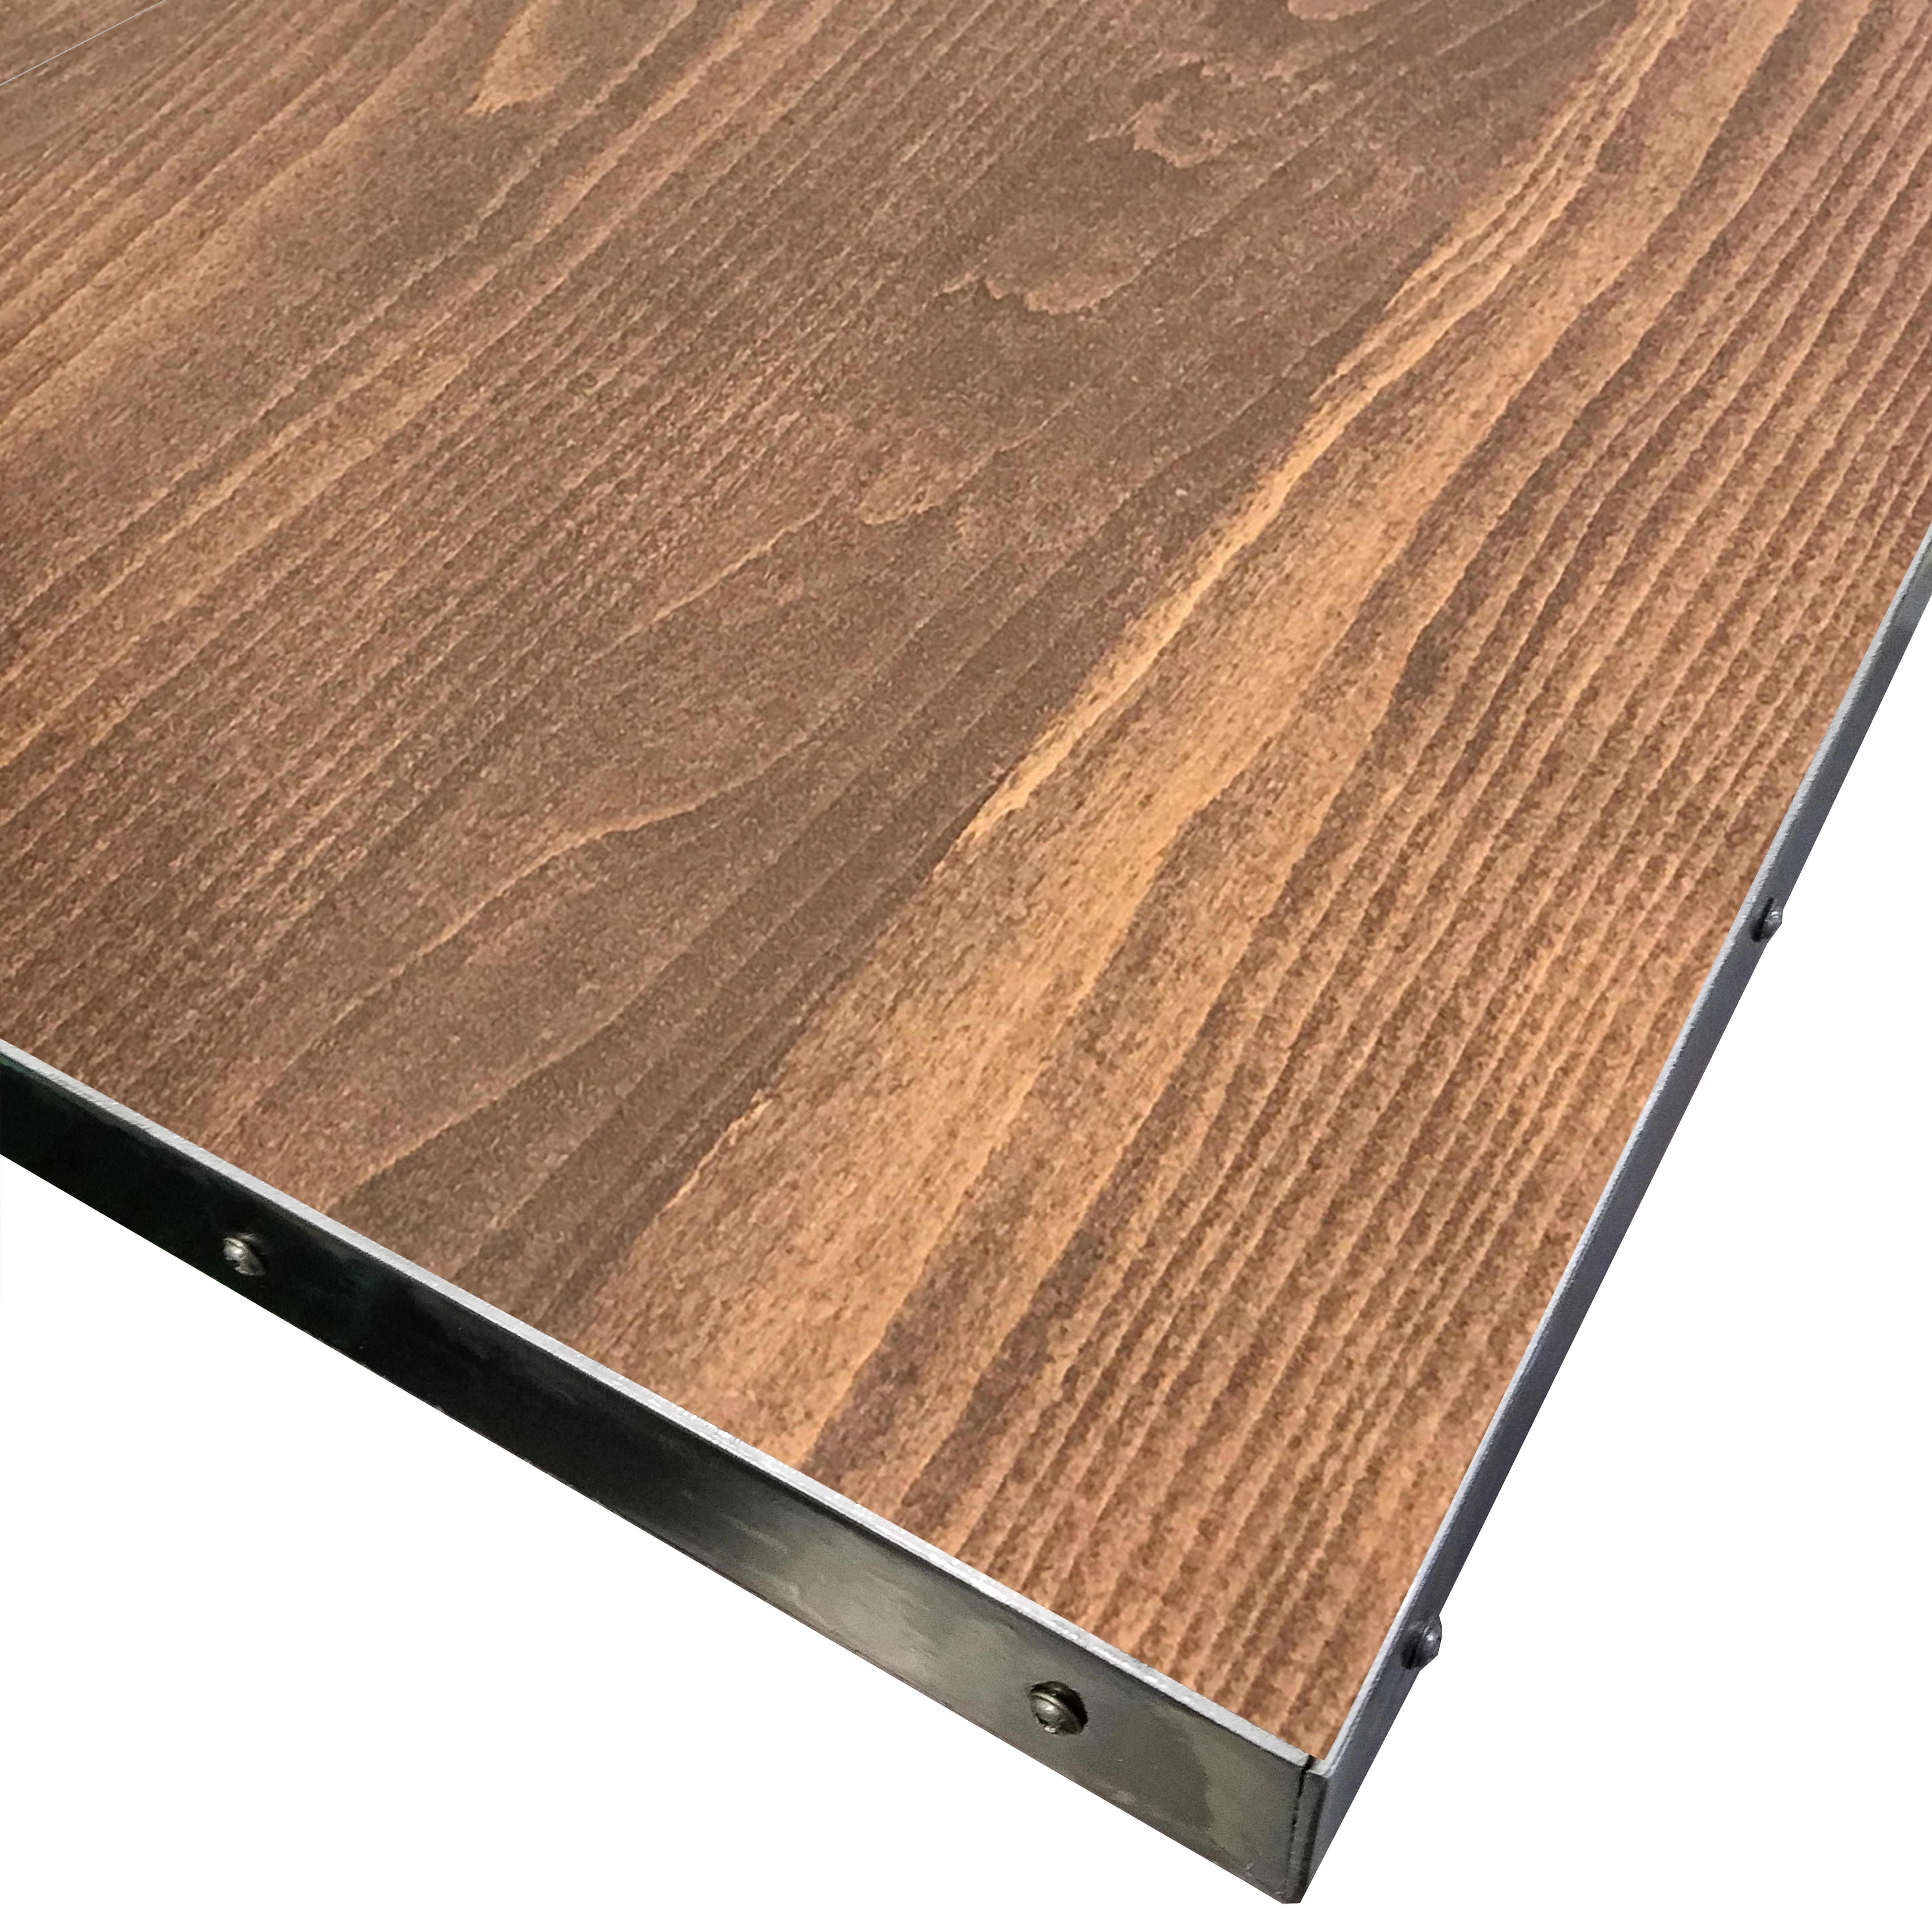 Oak Street FT48R-E table top, wood